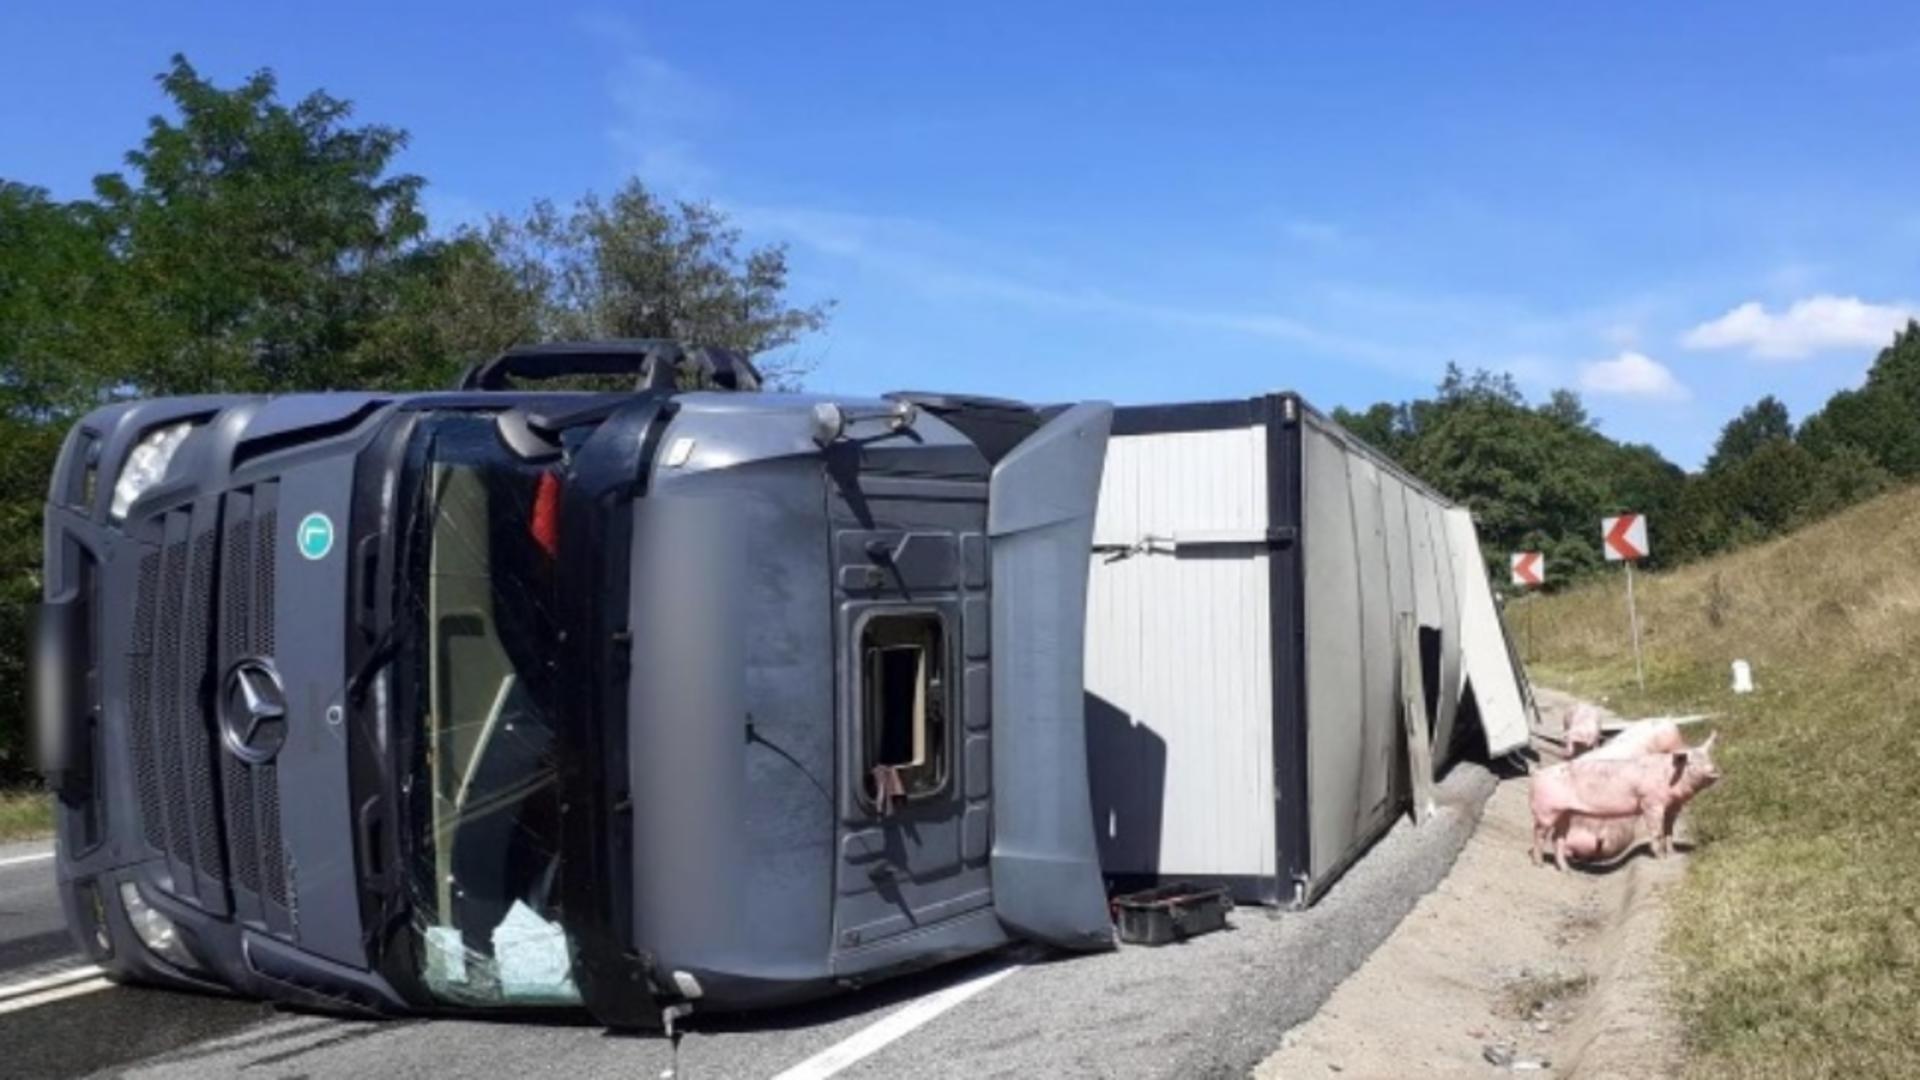 Foto arhivă. Șofer mort după ce a căzut cu TIR-ul într-o prăpastie de 20 de metri.